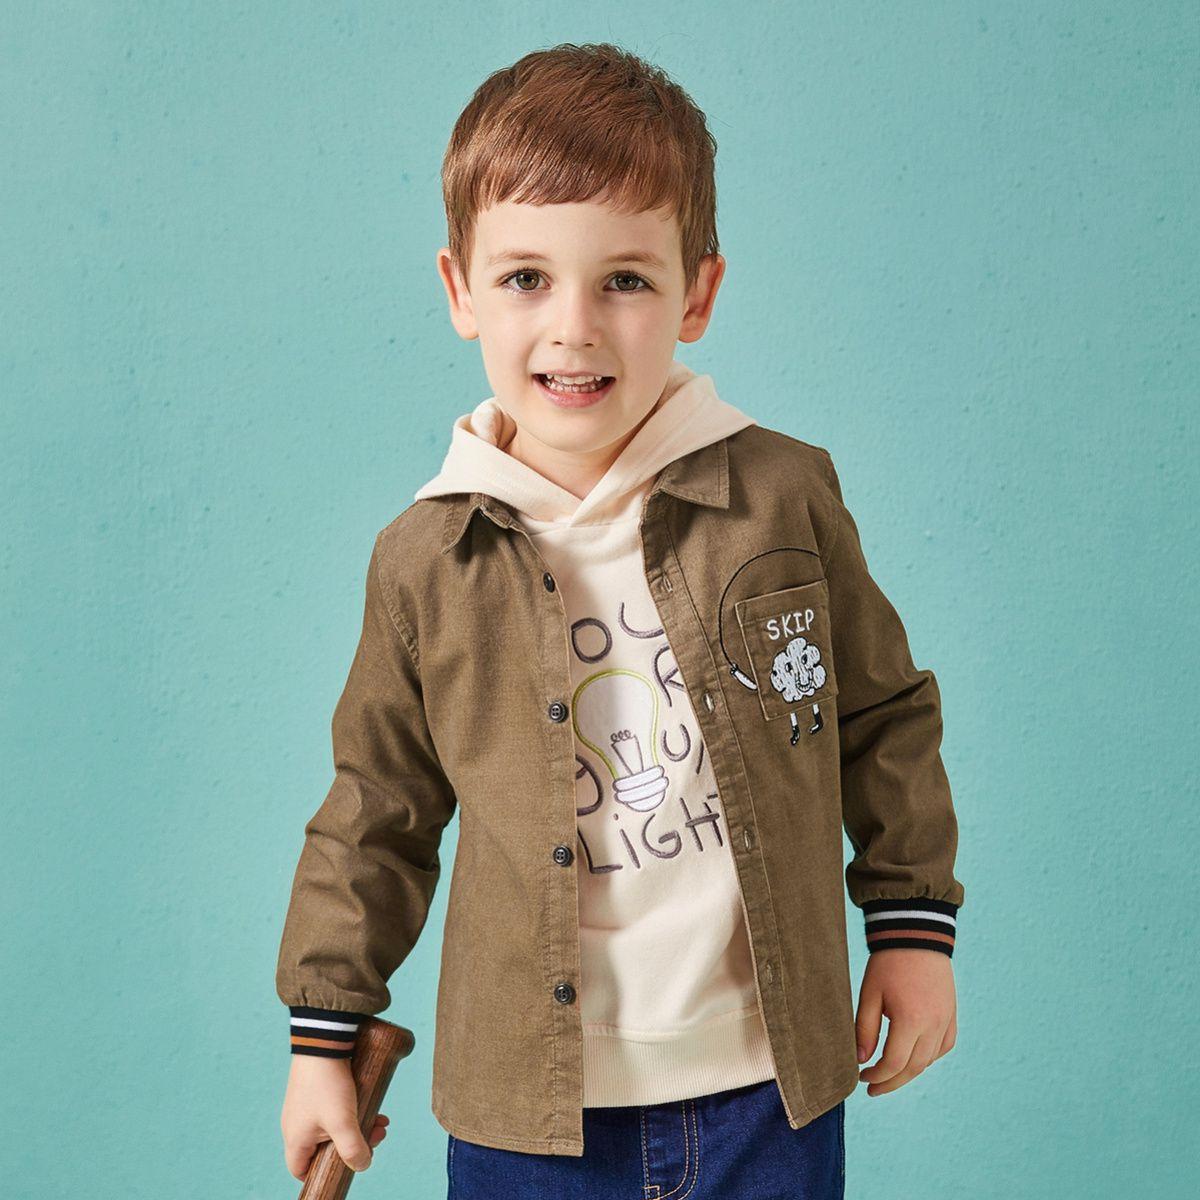 巴拉巴拉巴拉巴拉男童衬衫儿童衬衣宝宝秋装新款小男孩上衣韩版休280231812625701